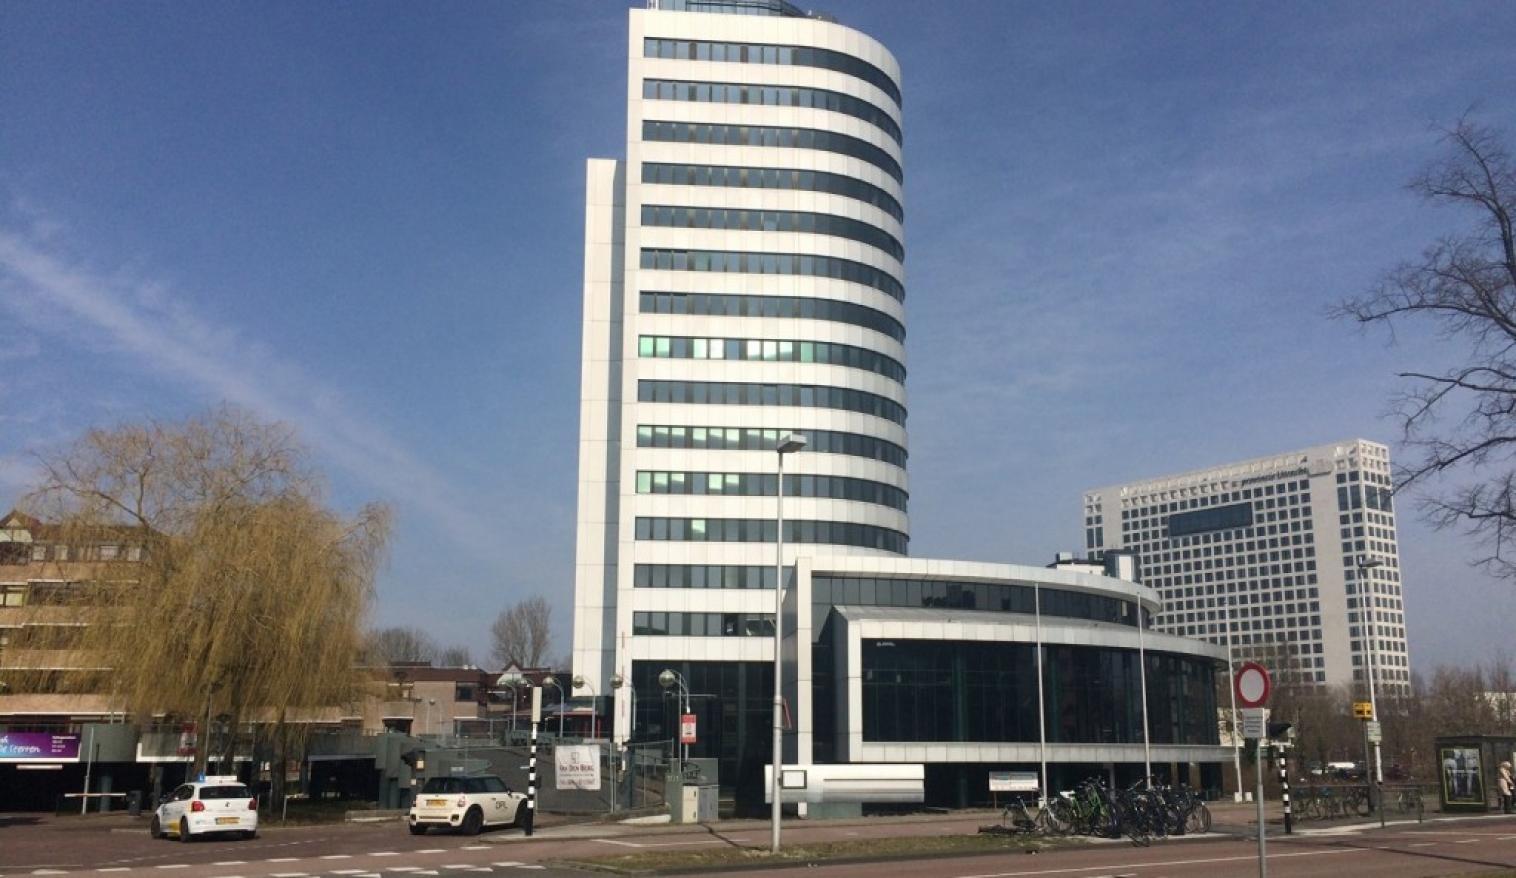 01 OPLarchitecten_Provinciehuis Utrecht 1516×878-72dpi